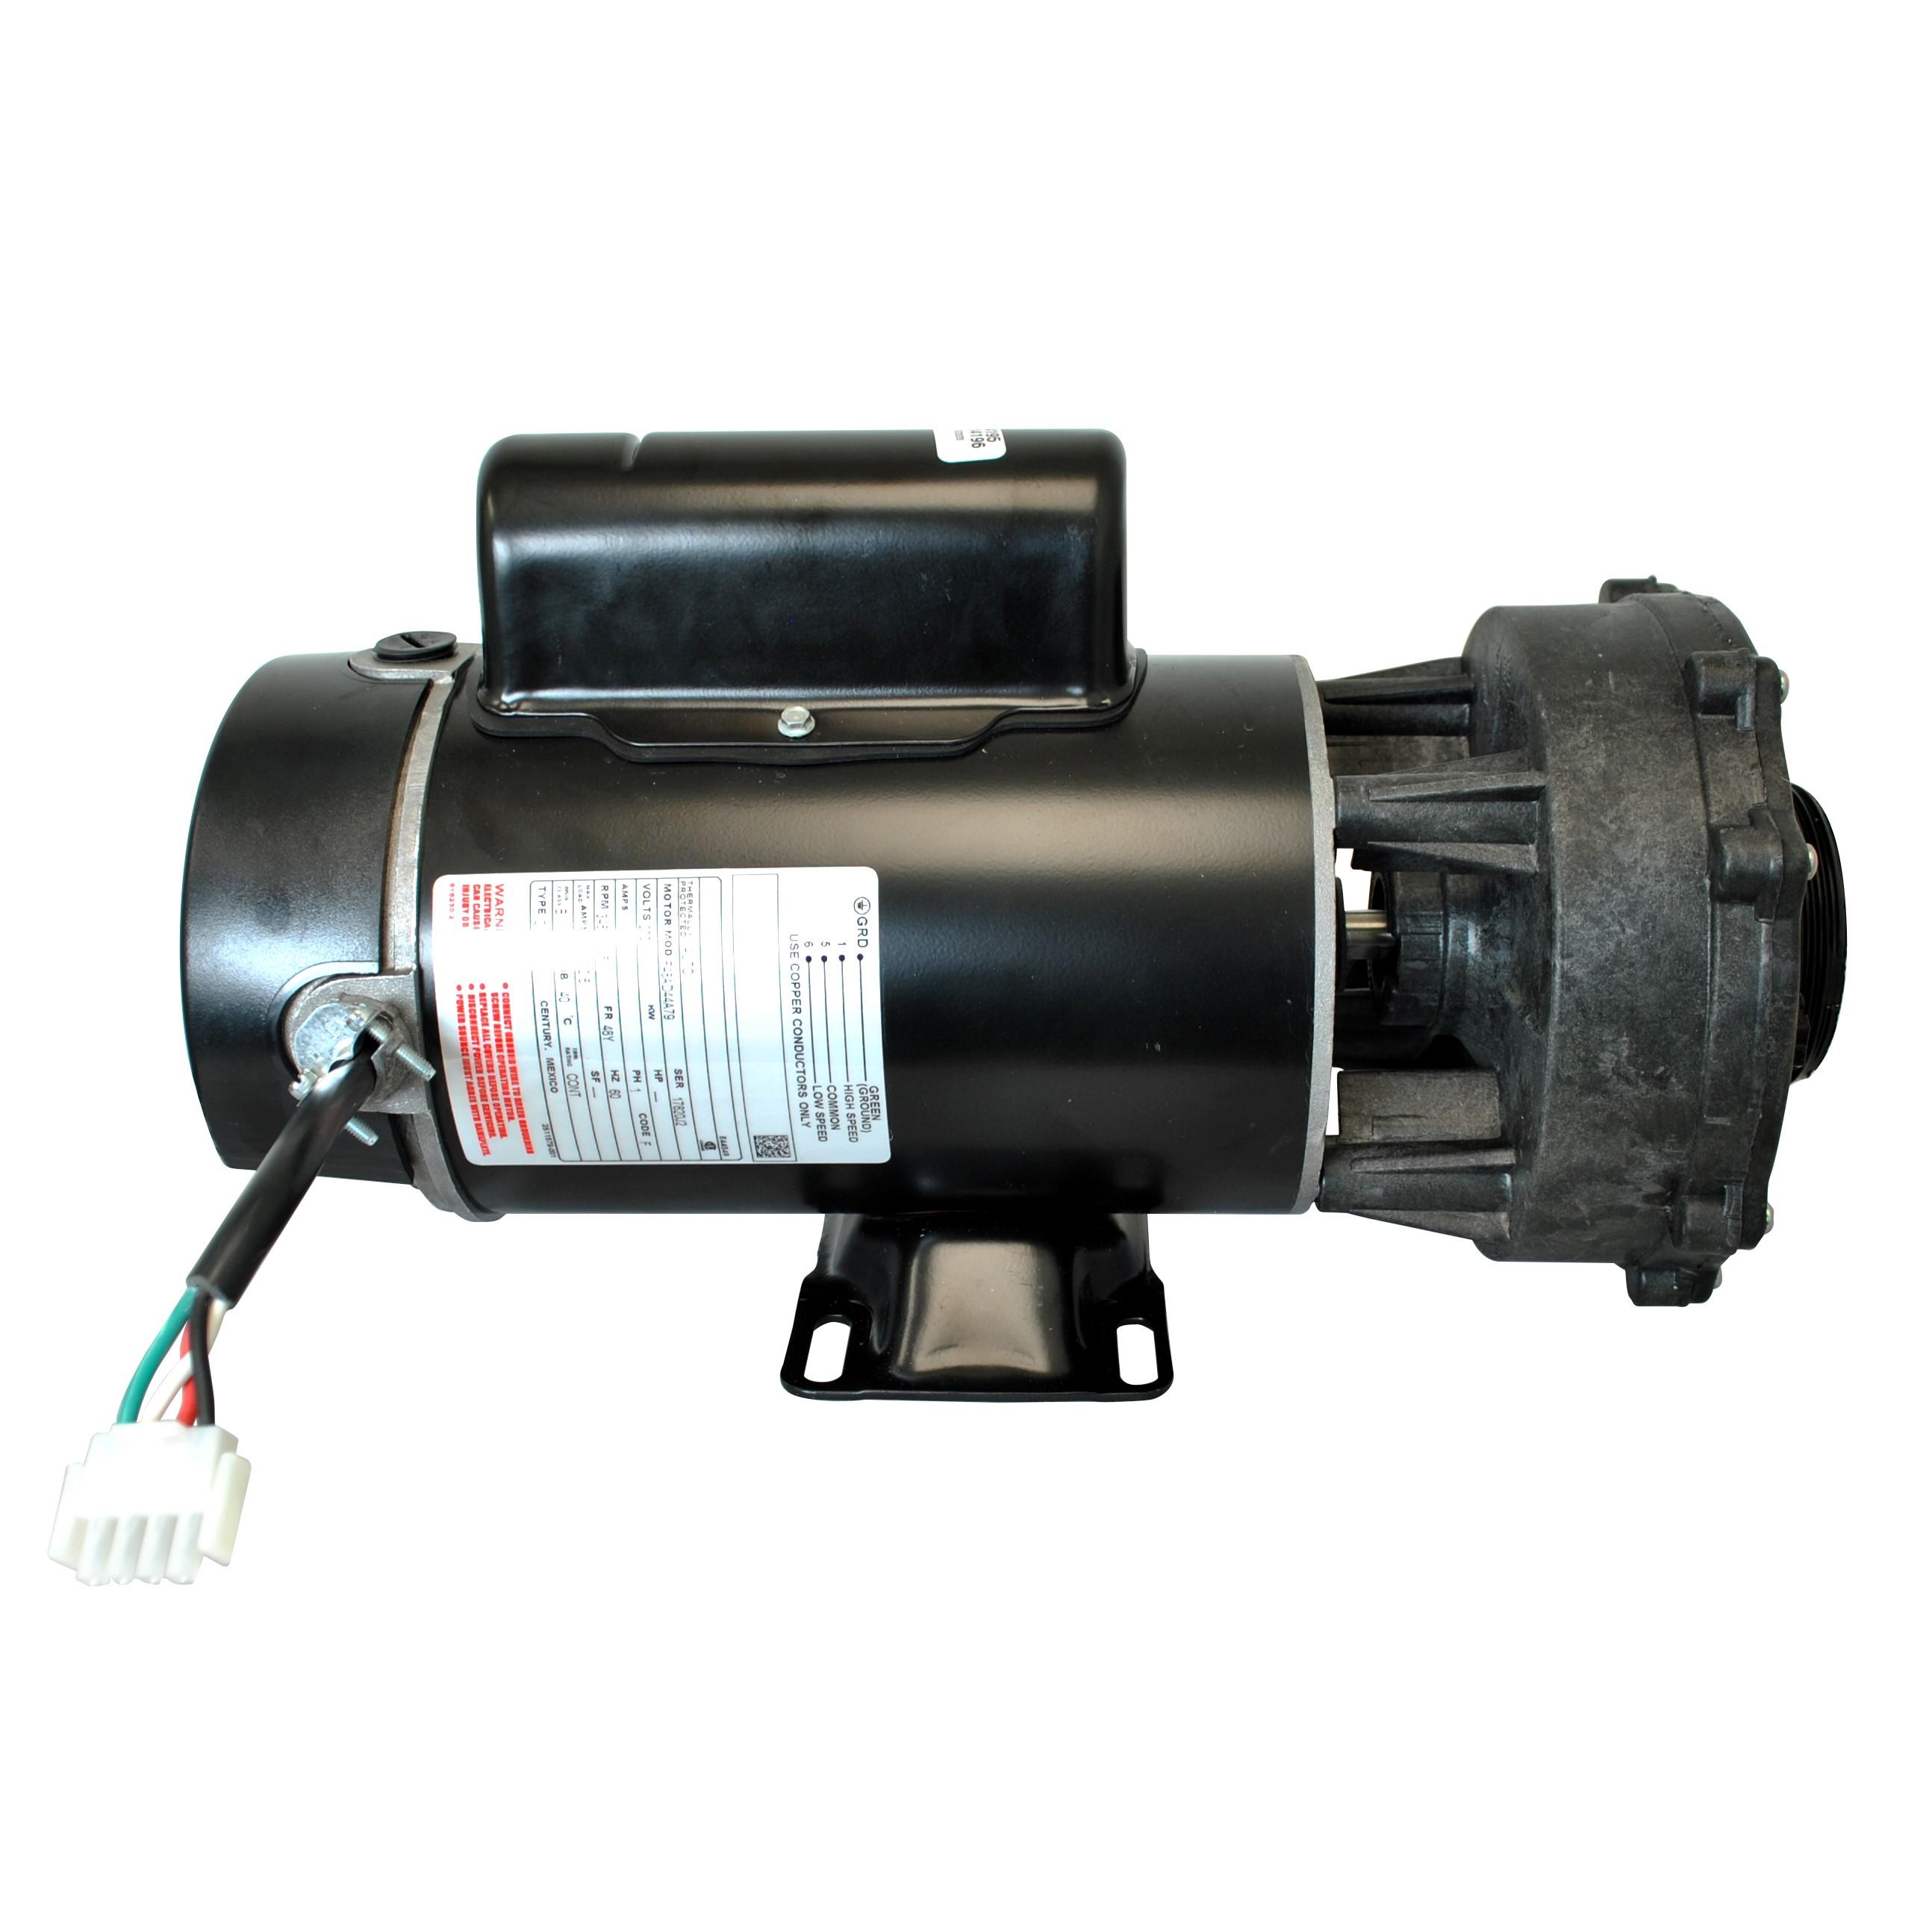 Waterway hi-flo II 1.5hp 230V pump